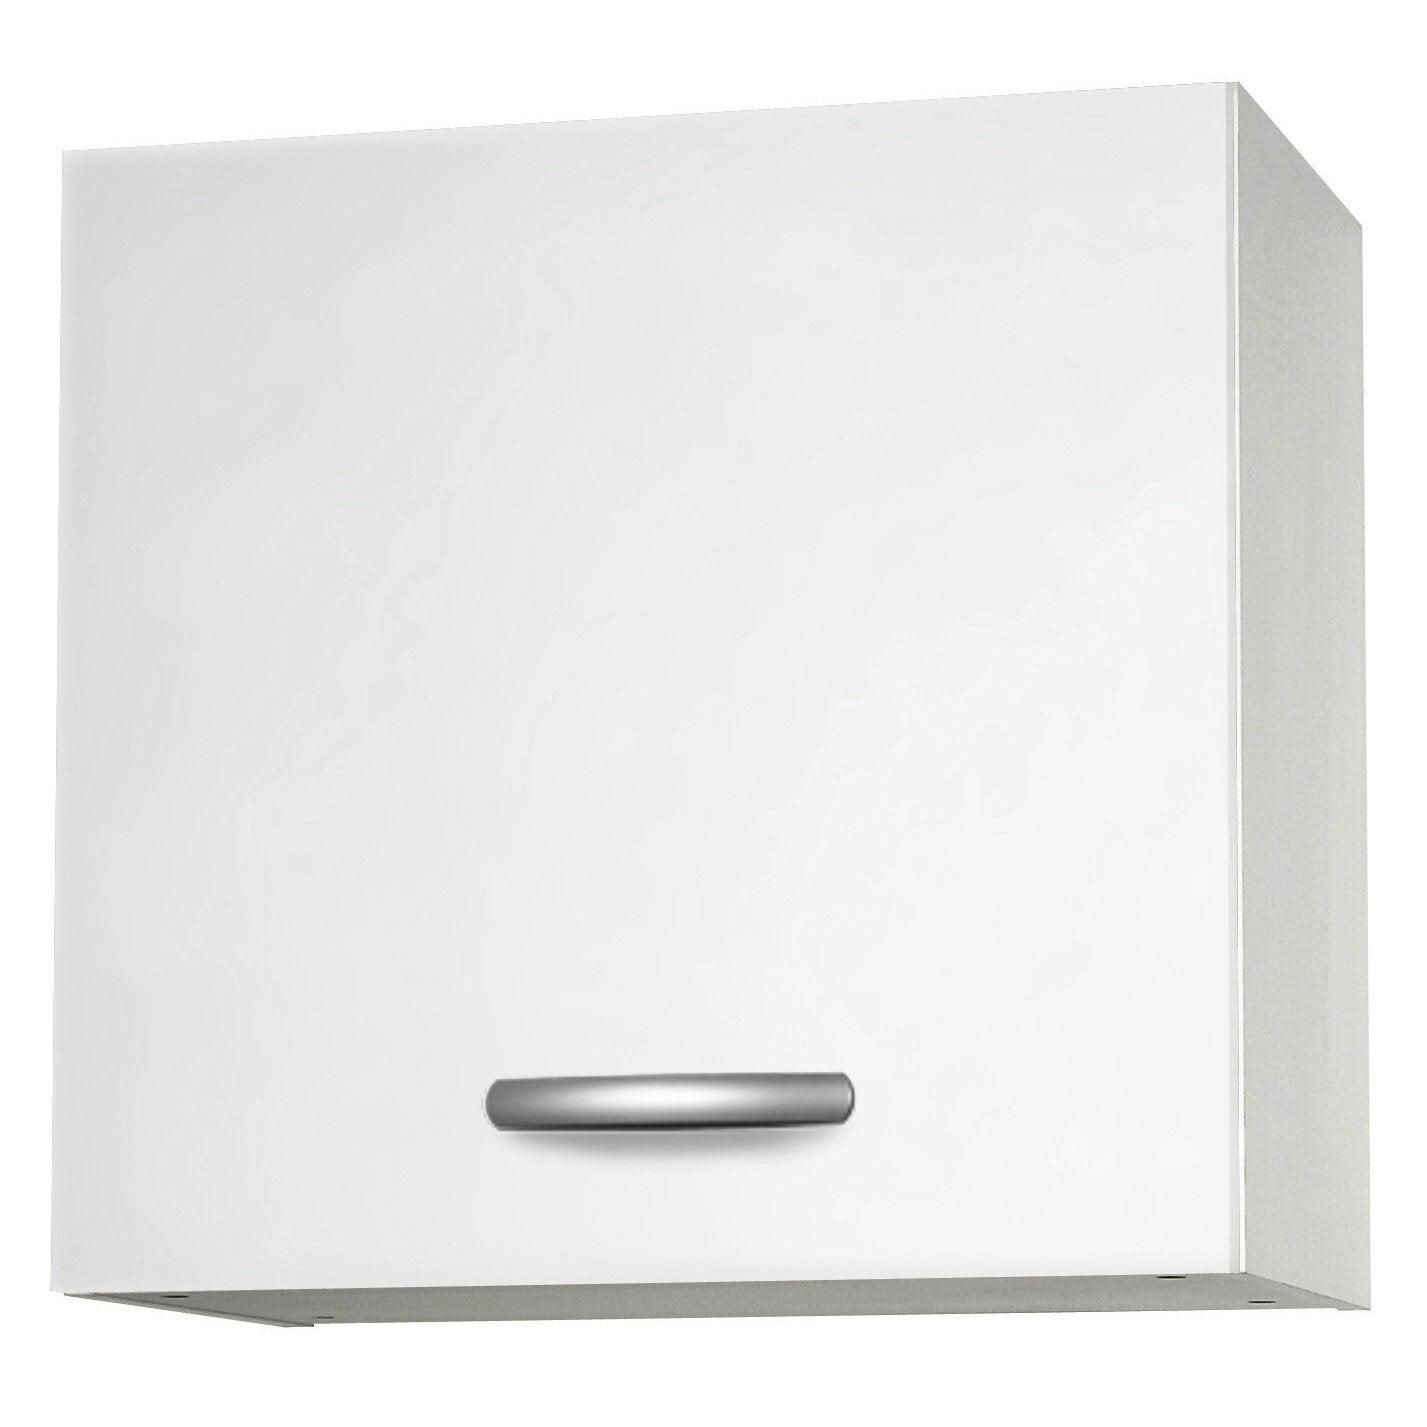 Meuble de cuisine haut 1 porte blanc l60x - Rouleau adhesif meuble cuisine ...